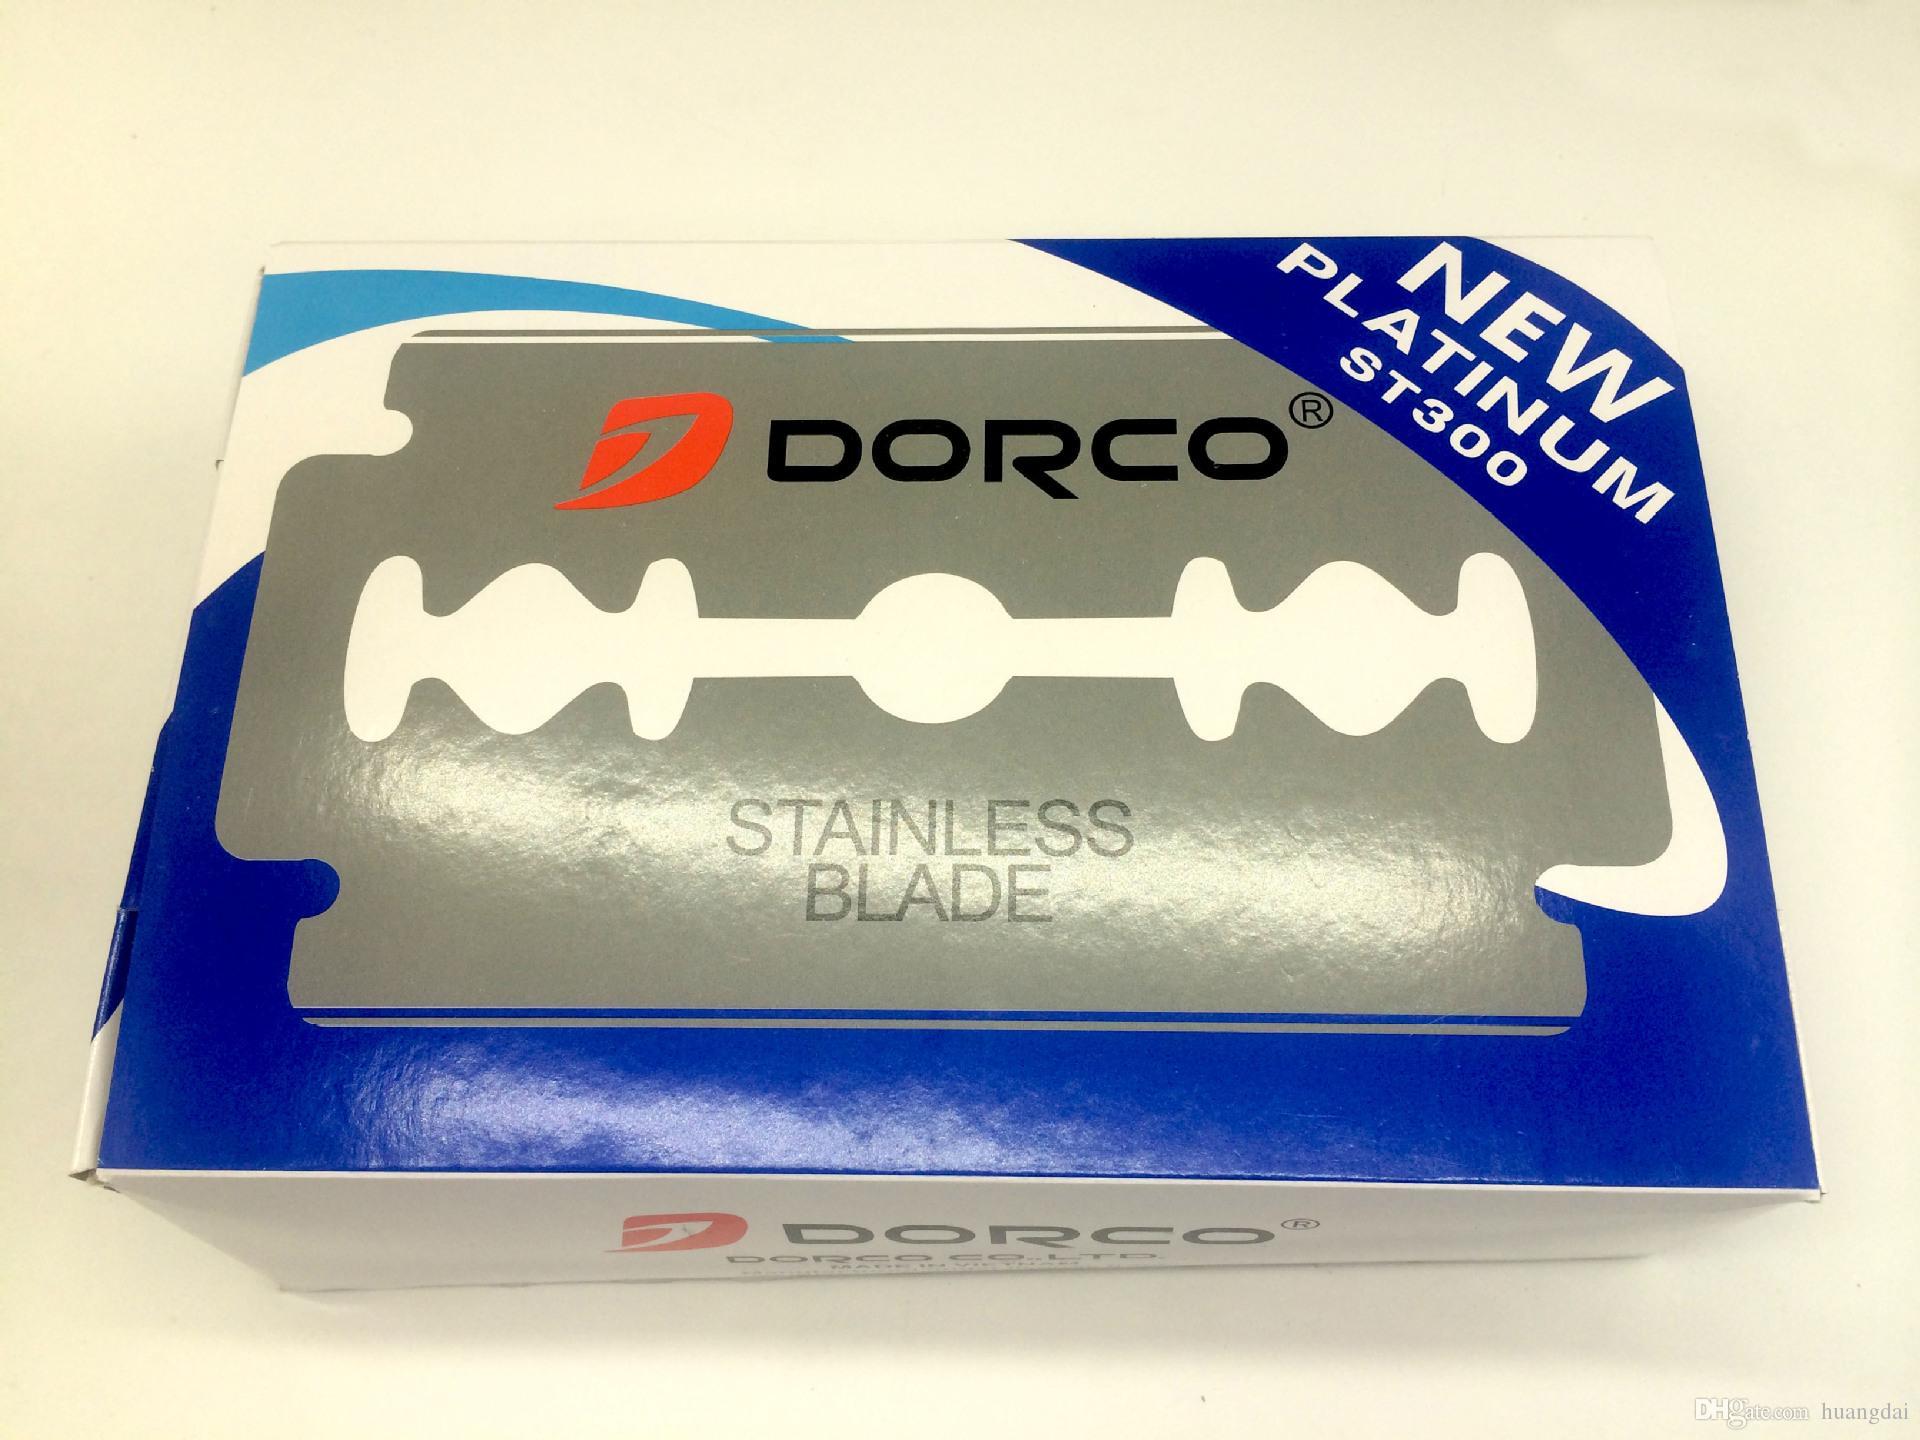 100 قطع عالية الجودة دوركو شفرات platnum المقاوم للصدأ سلامة مزدوجة حافة شفرة الحلاقة بليد الساخن بيع